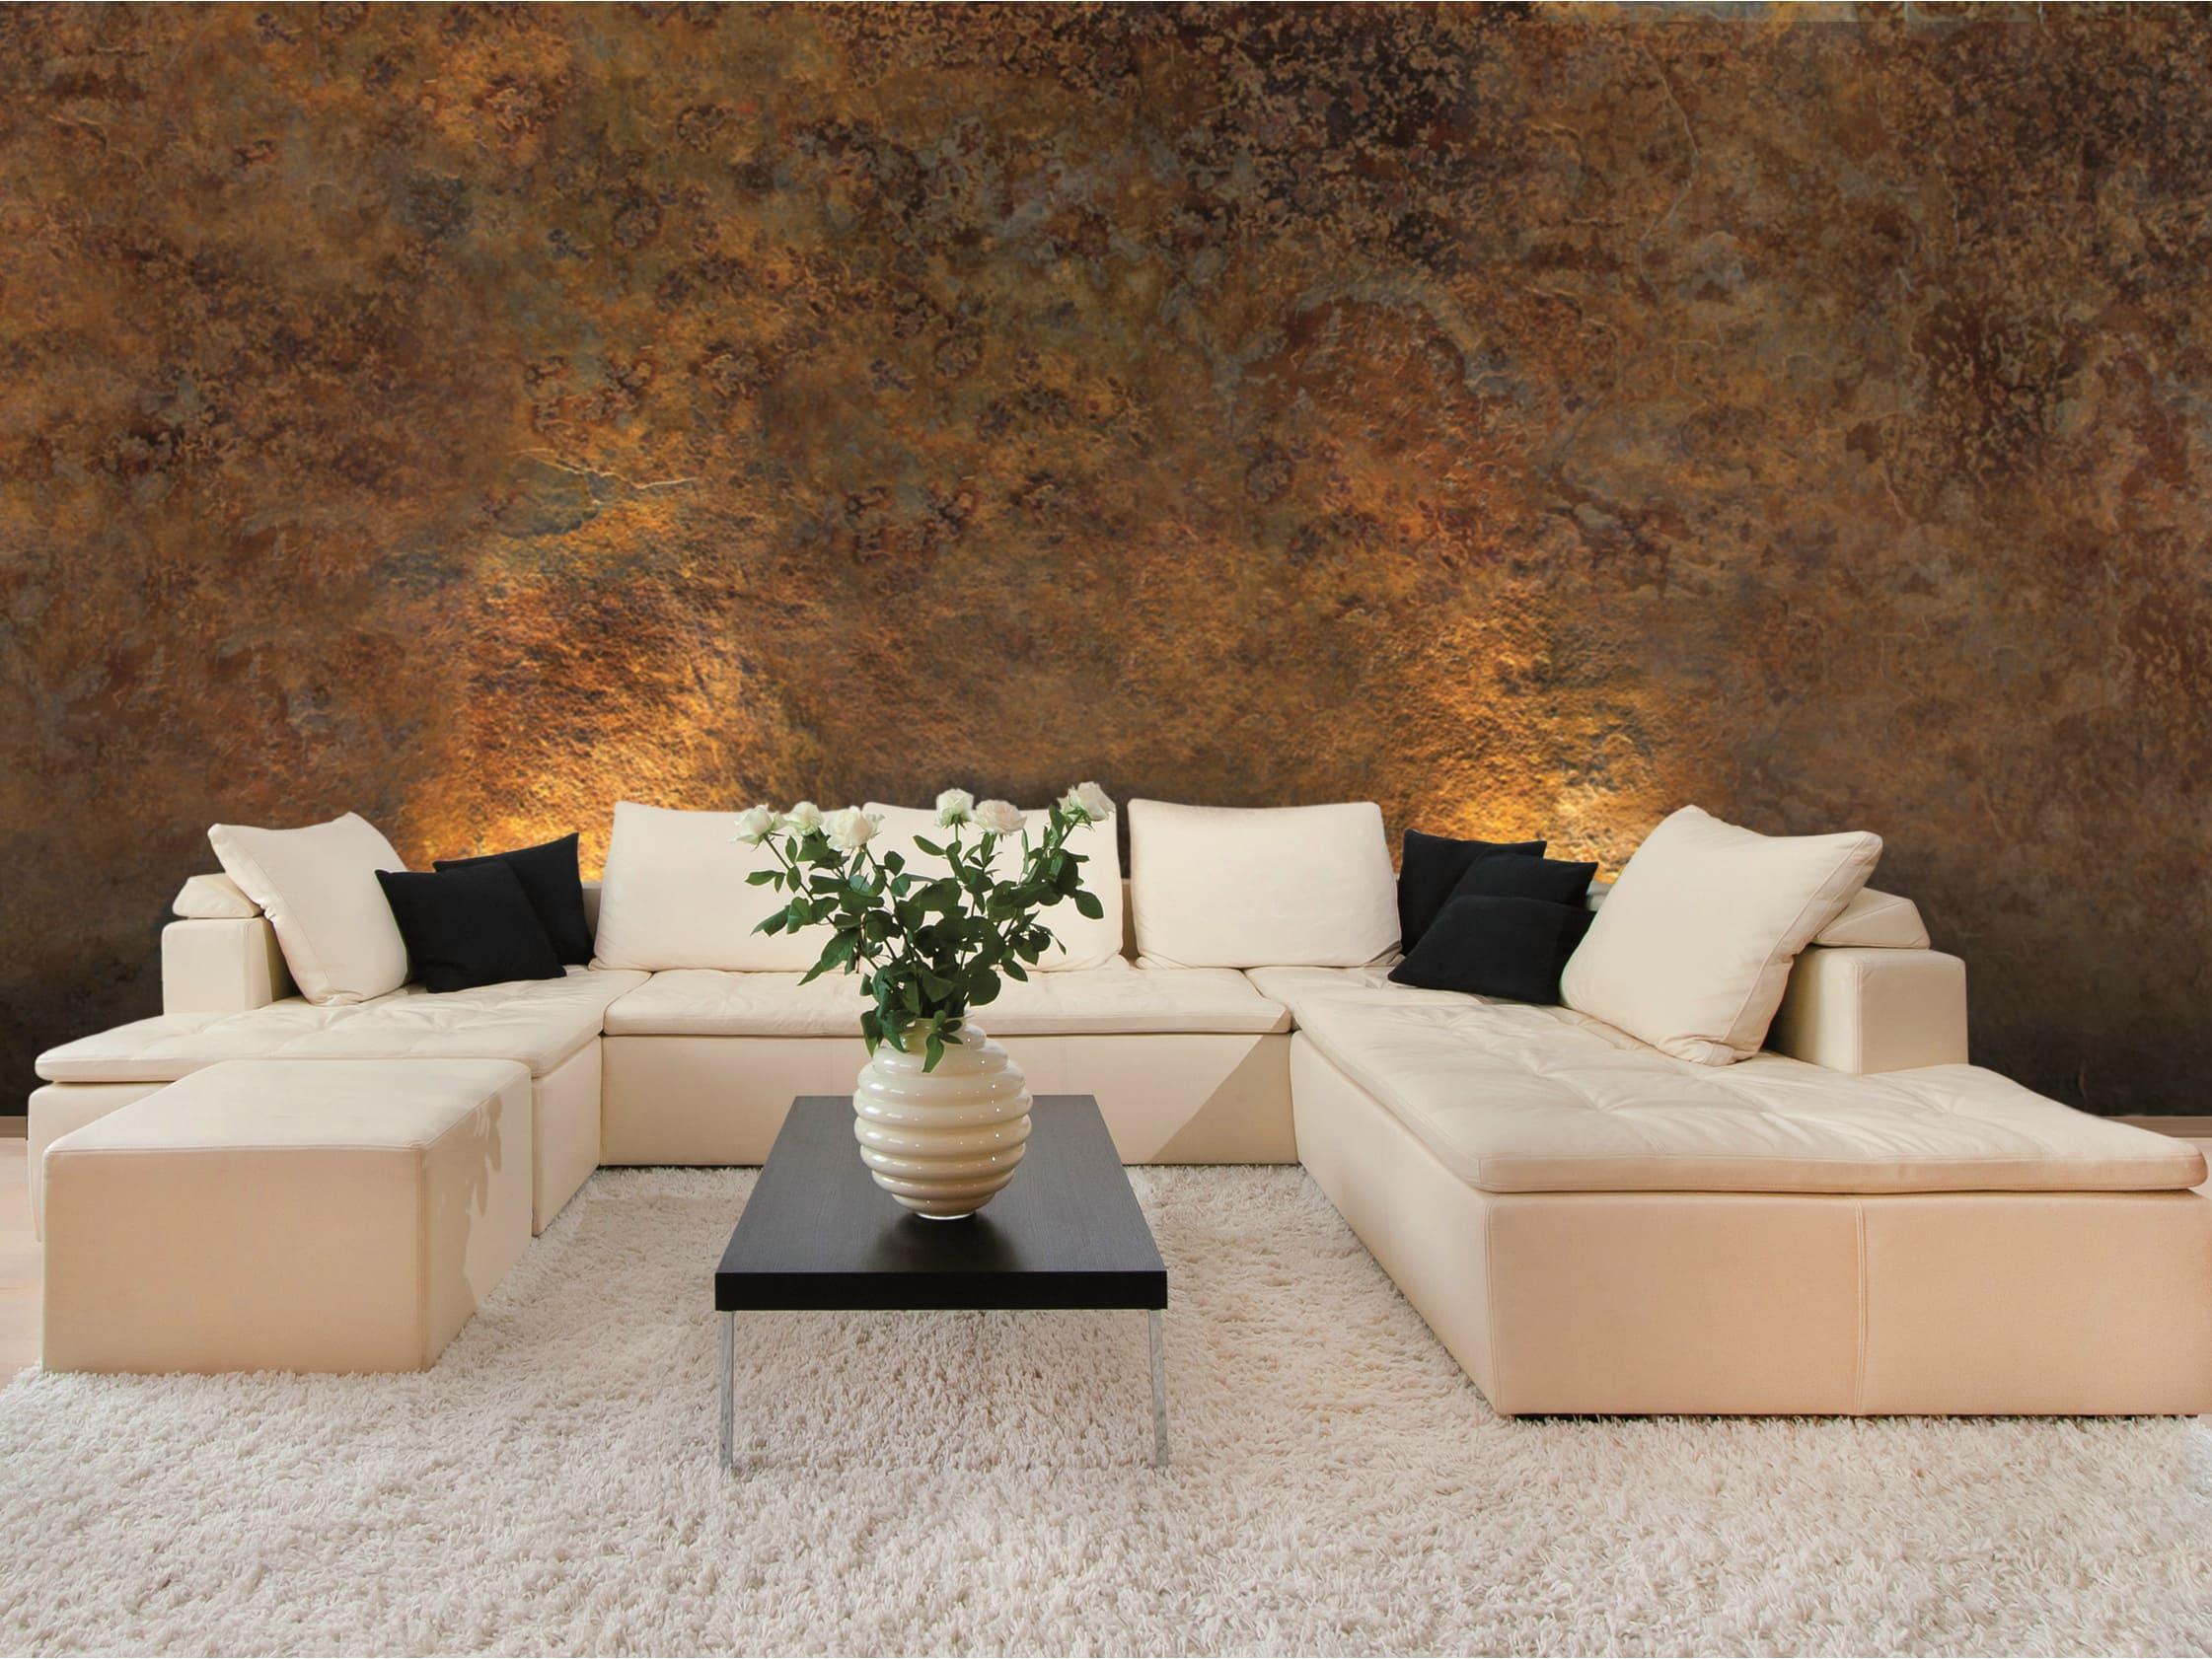 Декоративная штукатурка - лучшие красивые варианты отделки стен в интерьере 093